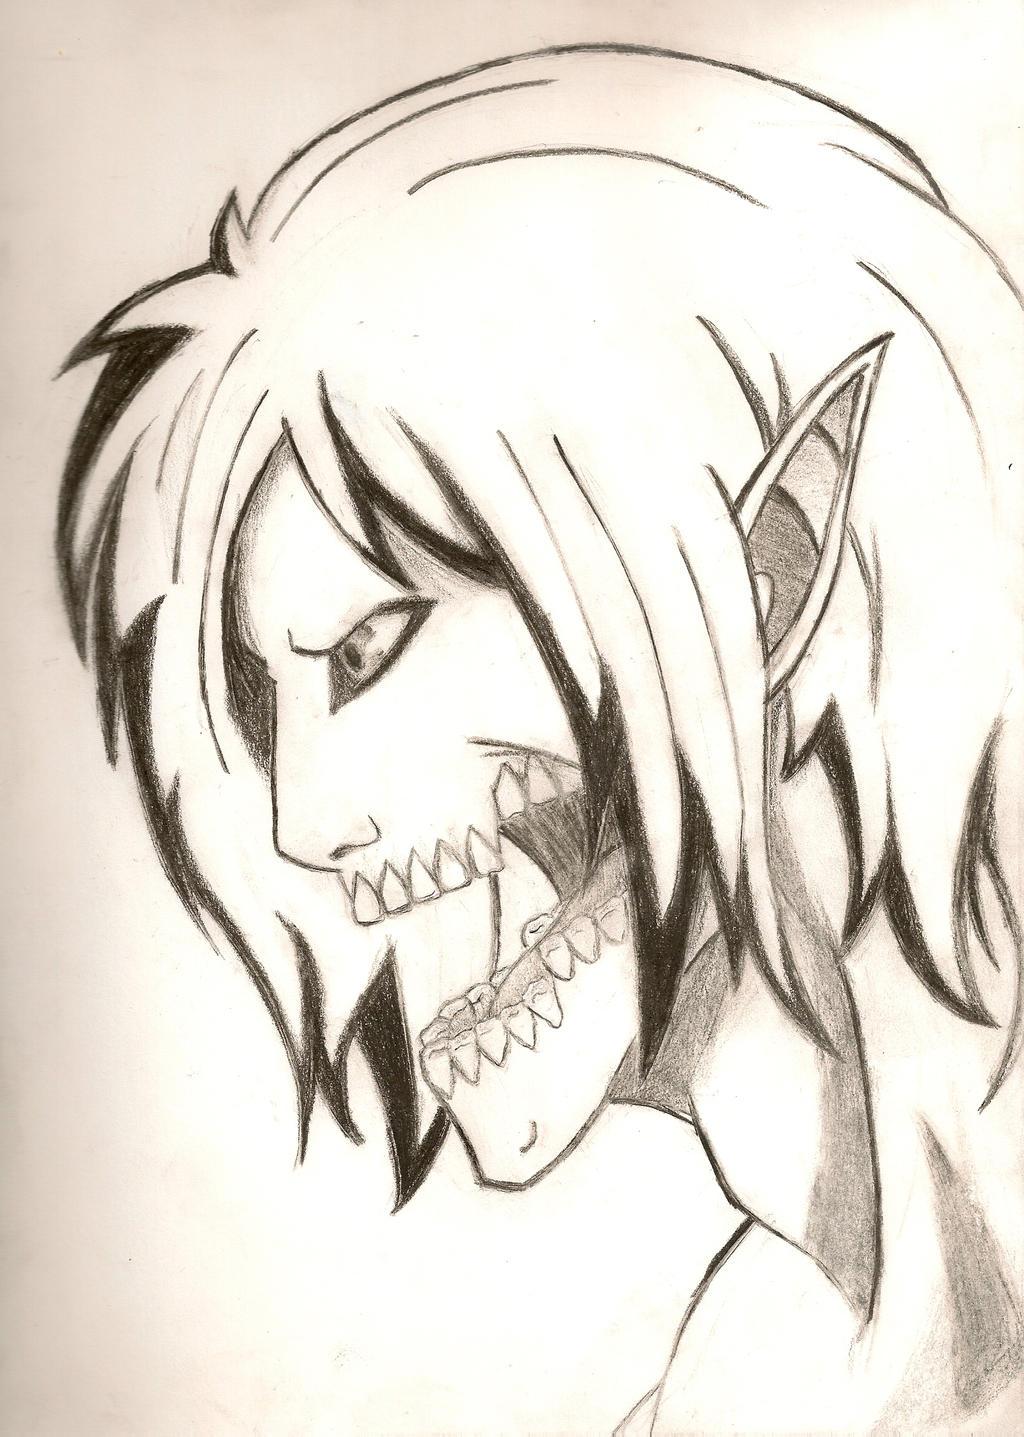 Eren Yeager-titan form by AlexisM96 on DeviantArt